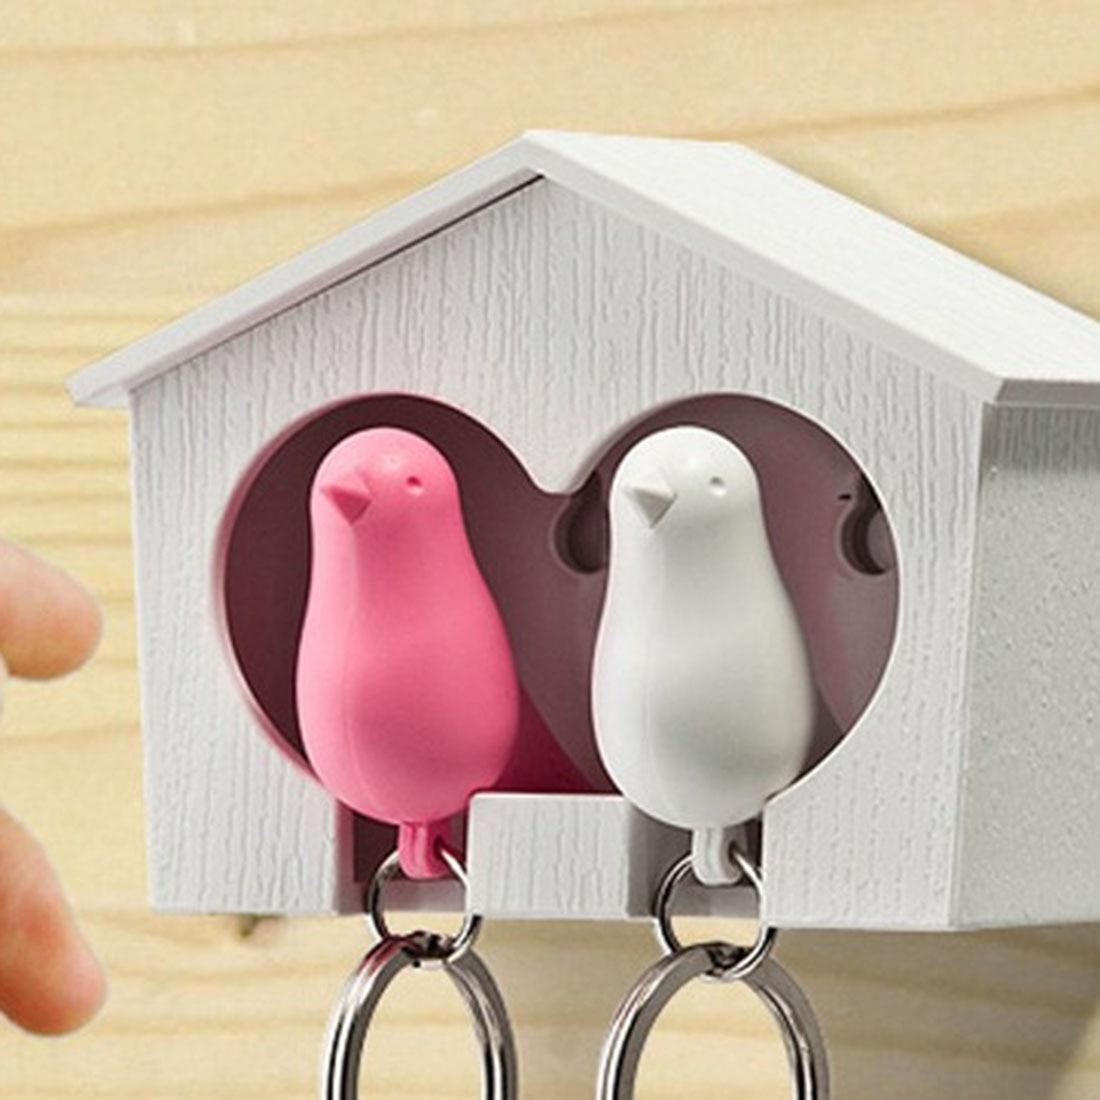 Venta caliente par de parejas Sparrow Bird casa nido silbato llavero estante anillo gancho estante-Casa Blanca/negra (pájaro al azar) Dispensador de rollo de papel higiénico de acero inoxidable soporte de papel de baño estante de almacenamiento para teléfono móvil